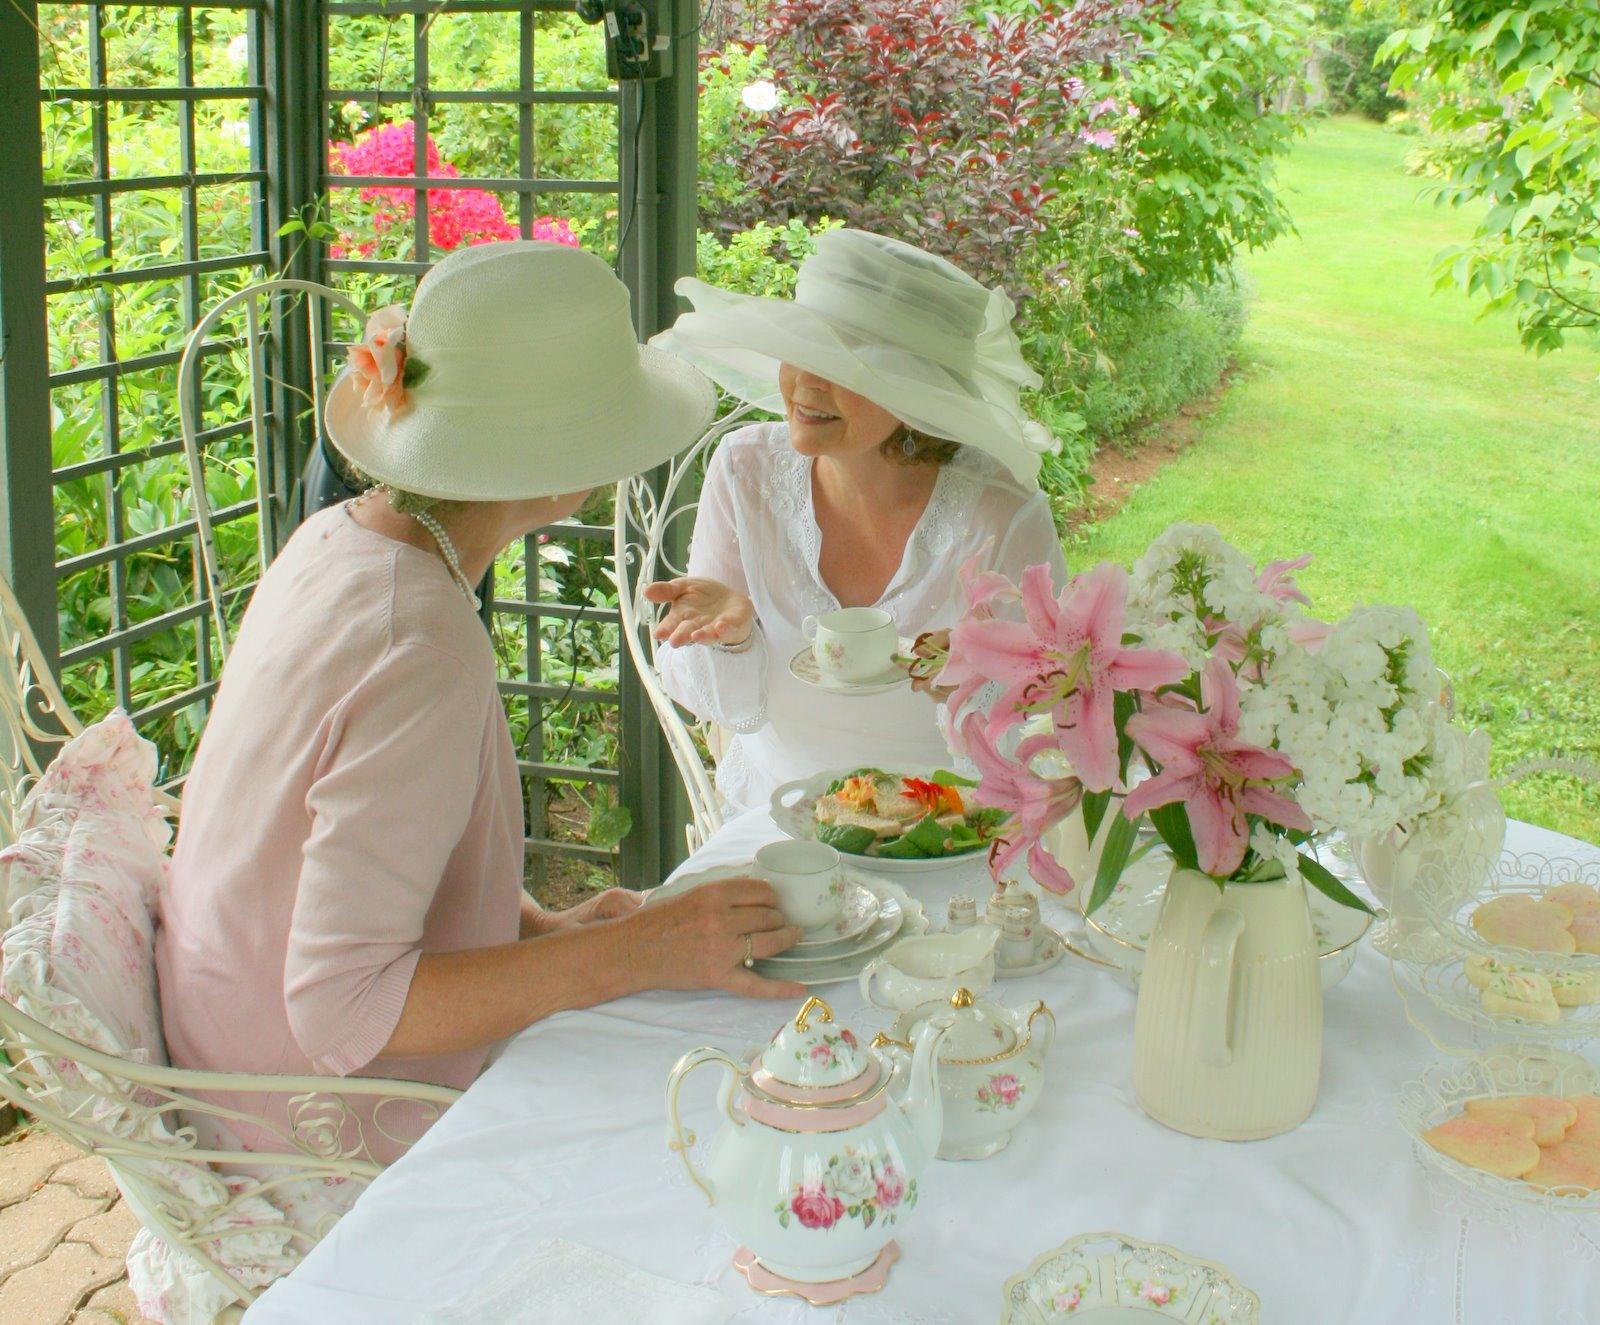 Aiken House & Gardens: A Summer Afternoon Garden Tea